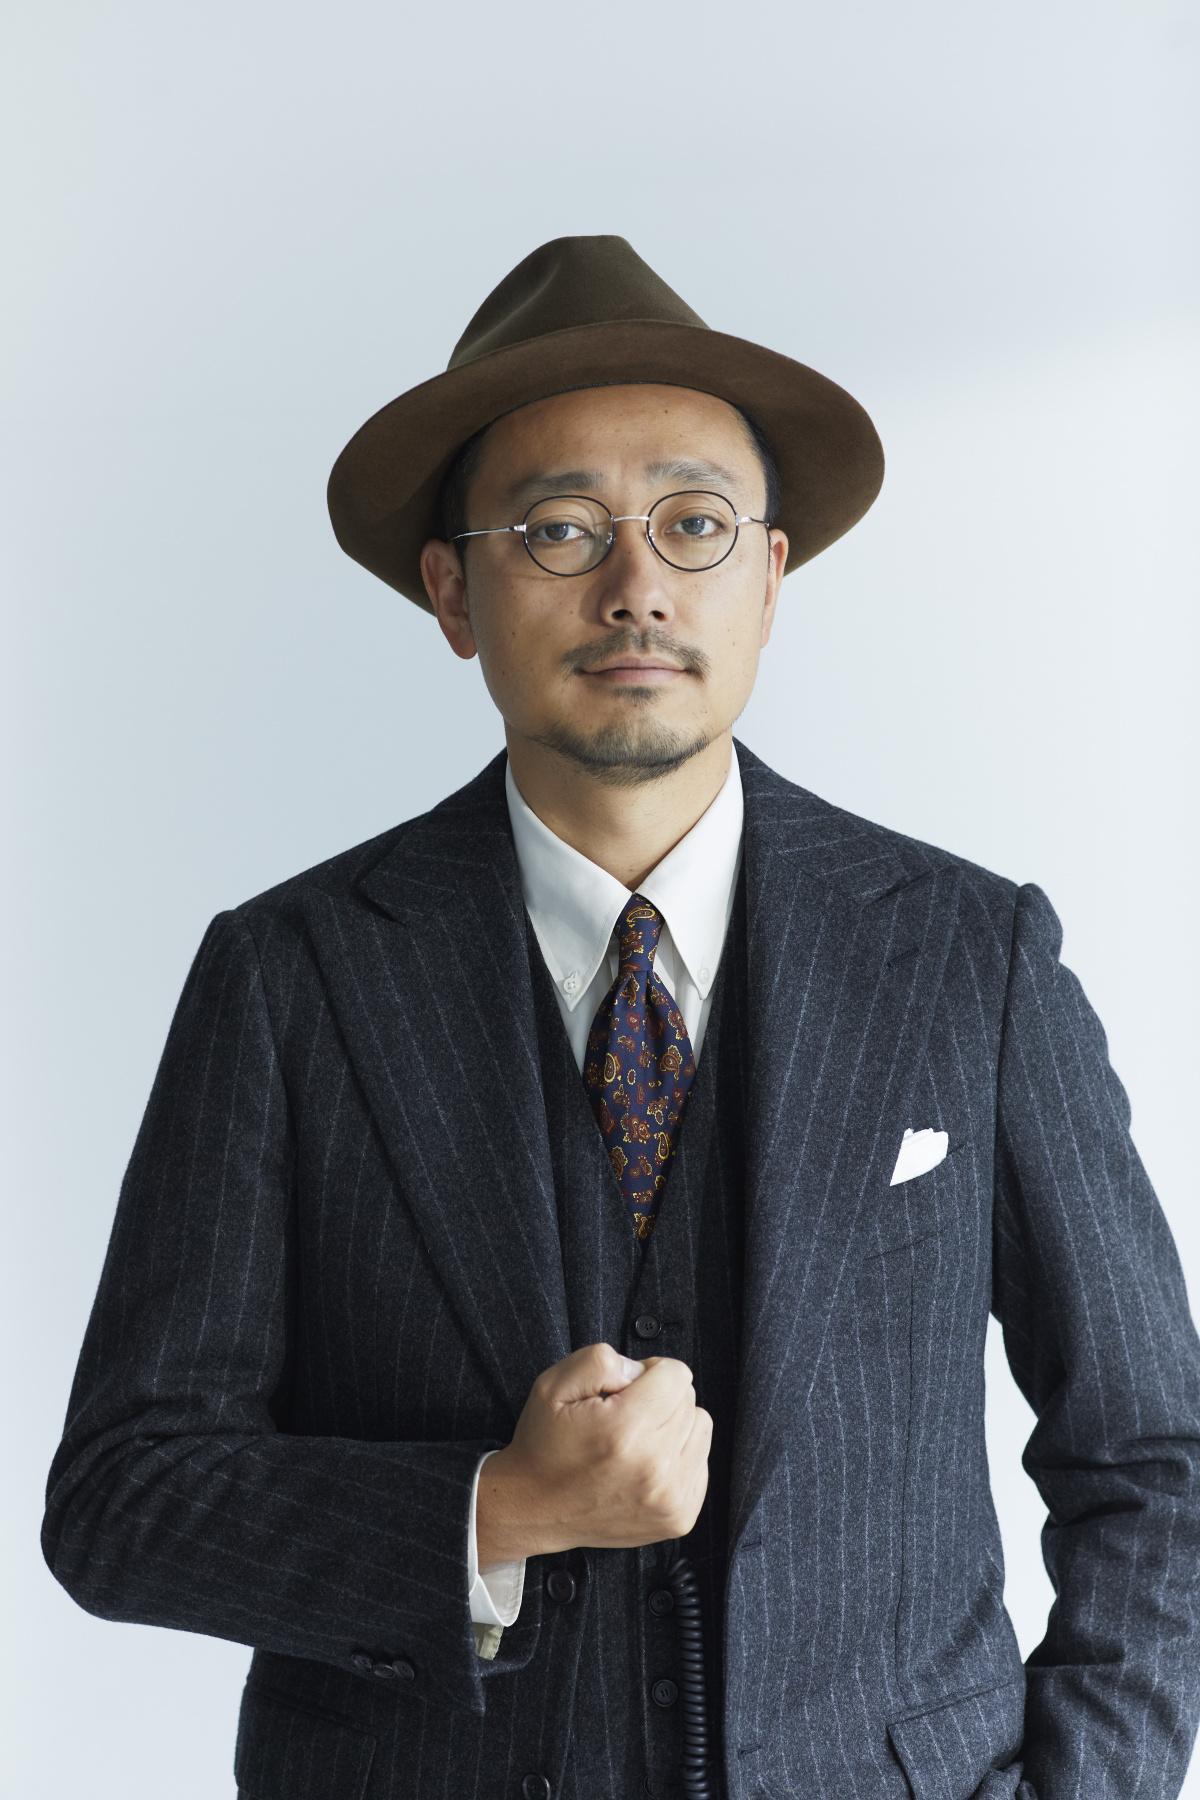 いまカルチャーが、東京の西から東へと移動し始めている。